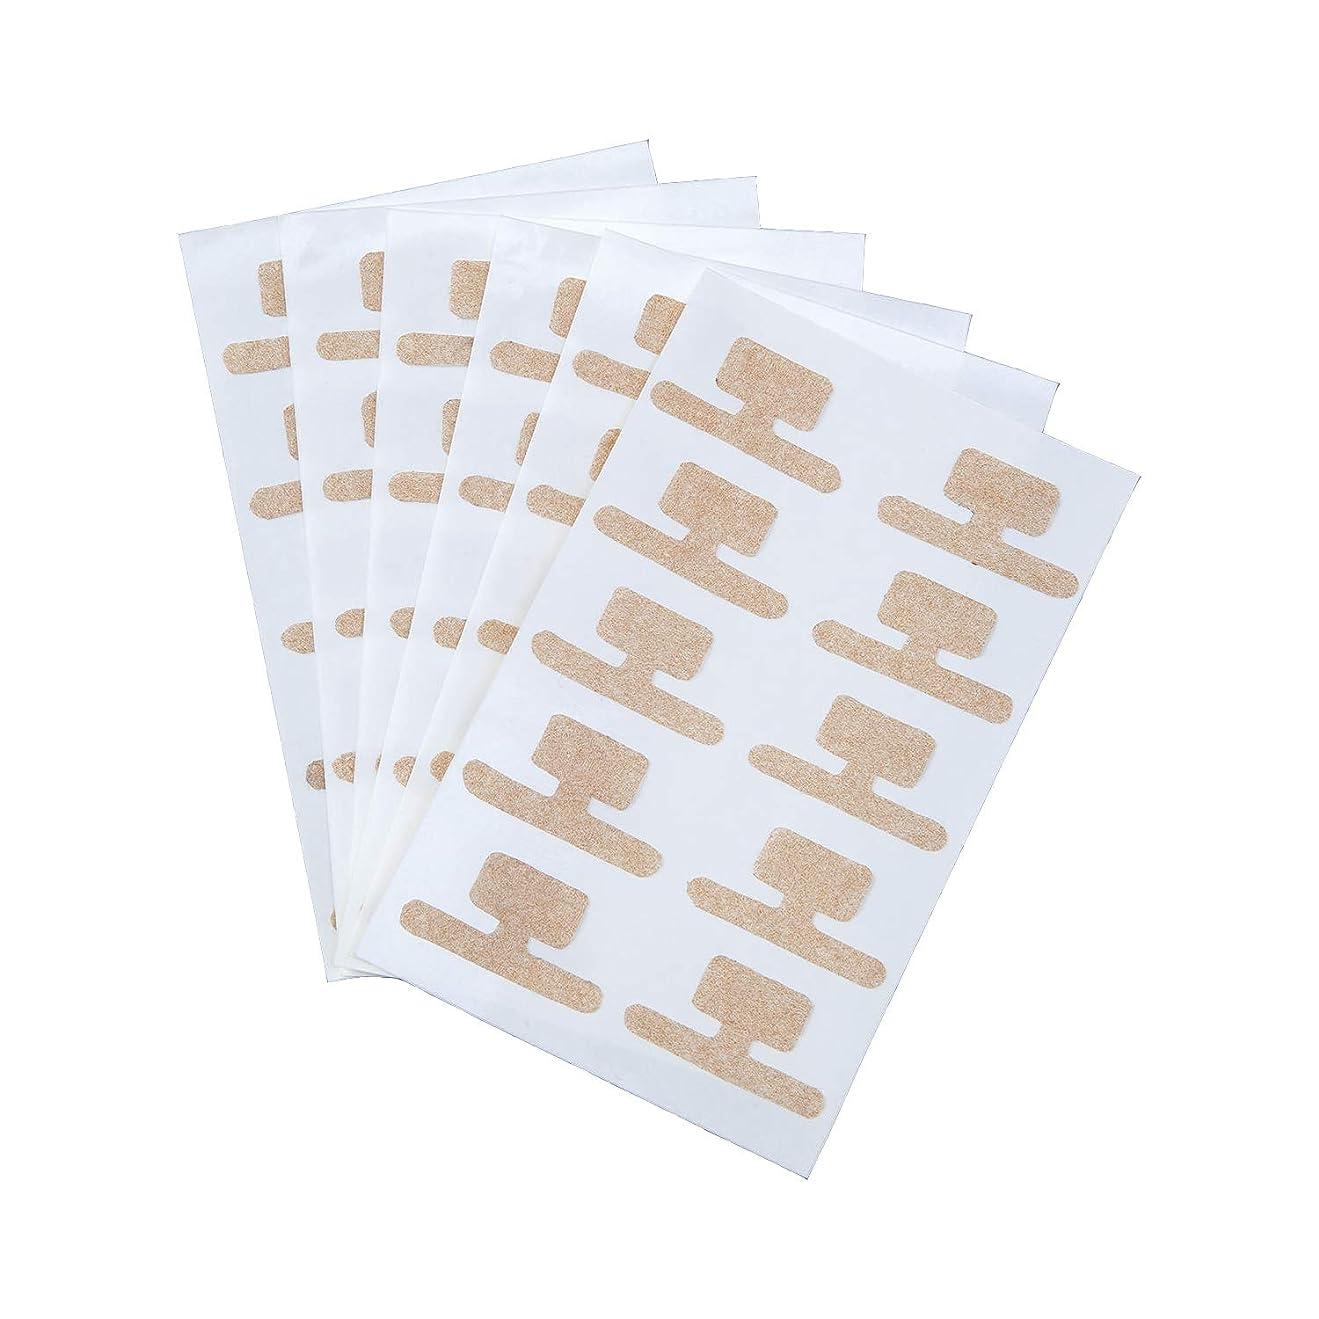 プログラムシロクマ近代化巻き爪ダブルケアテープ 60枚入 持ち上げ シール 食い込み 痛み サポート 貼るだけ 足 フットケア